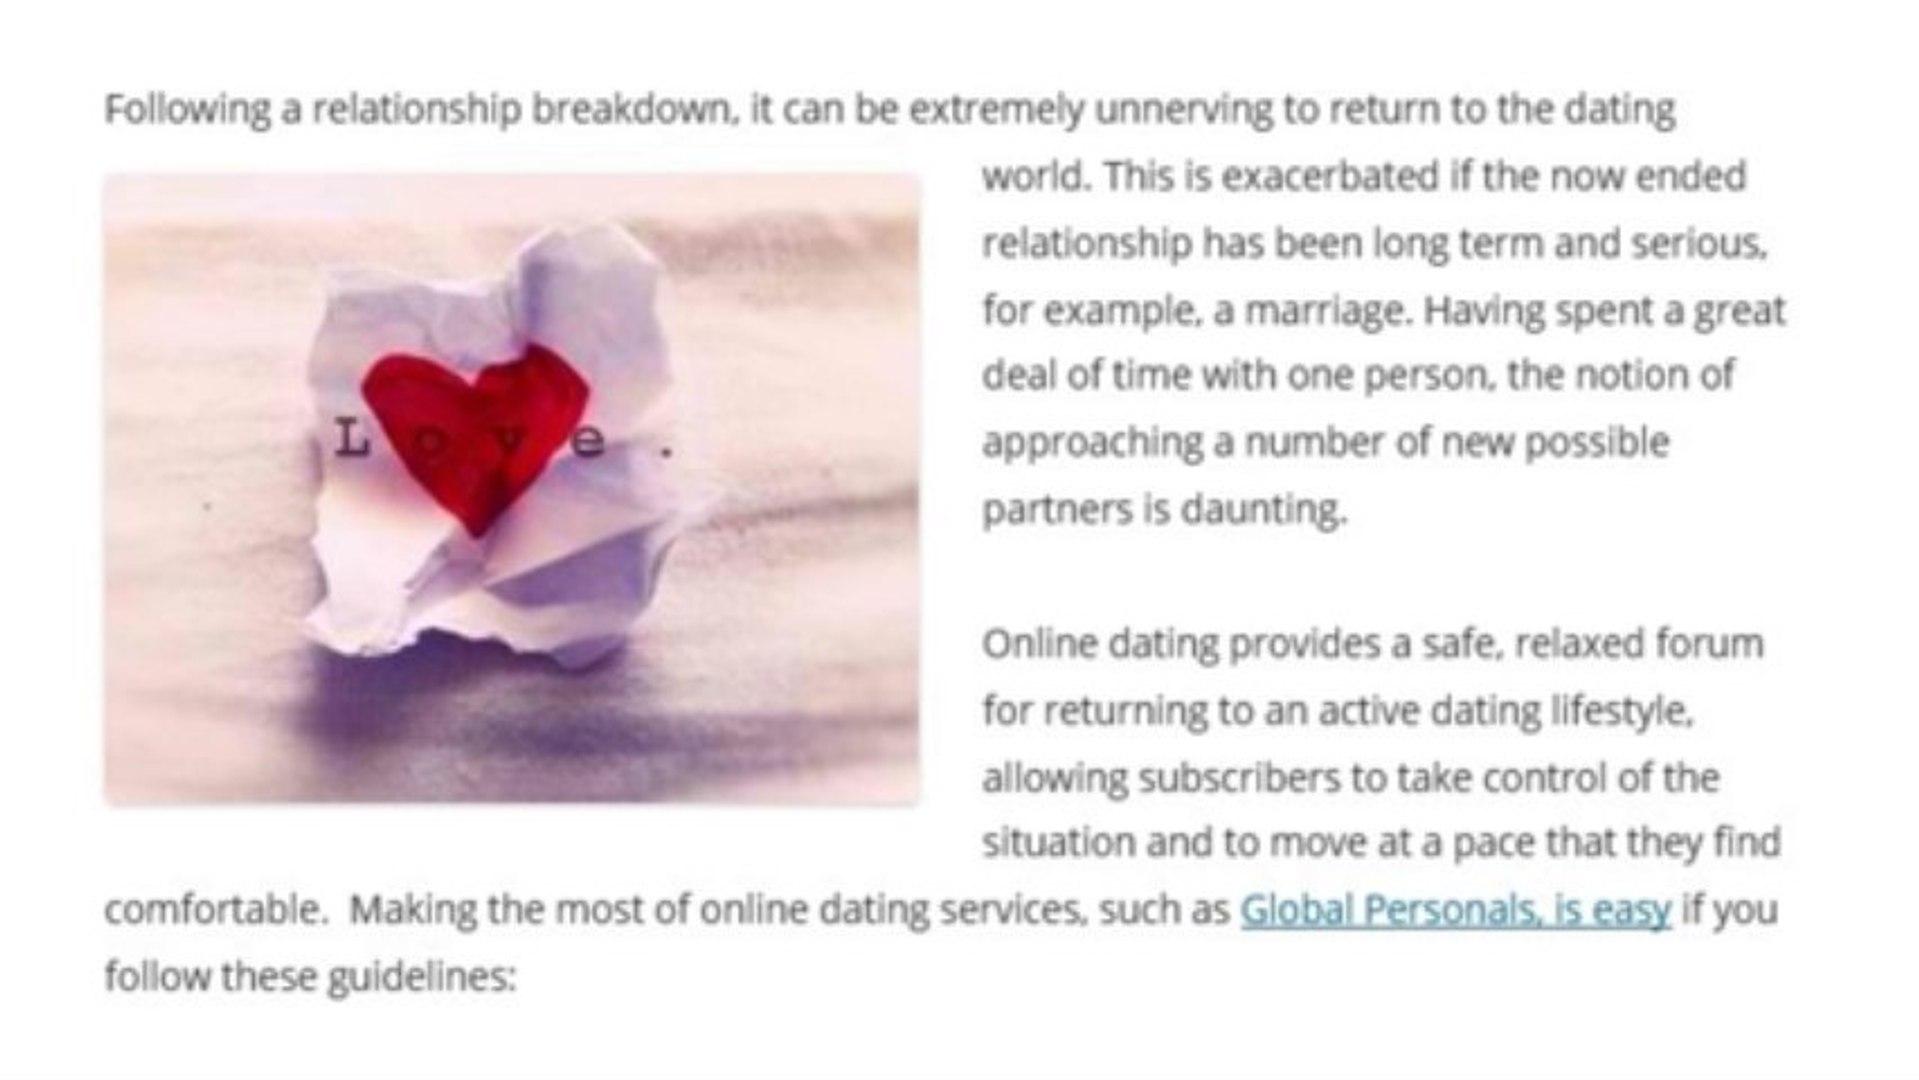 Dating site bosette seg for kjærligheten